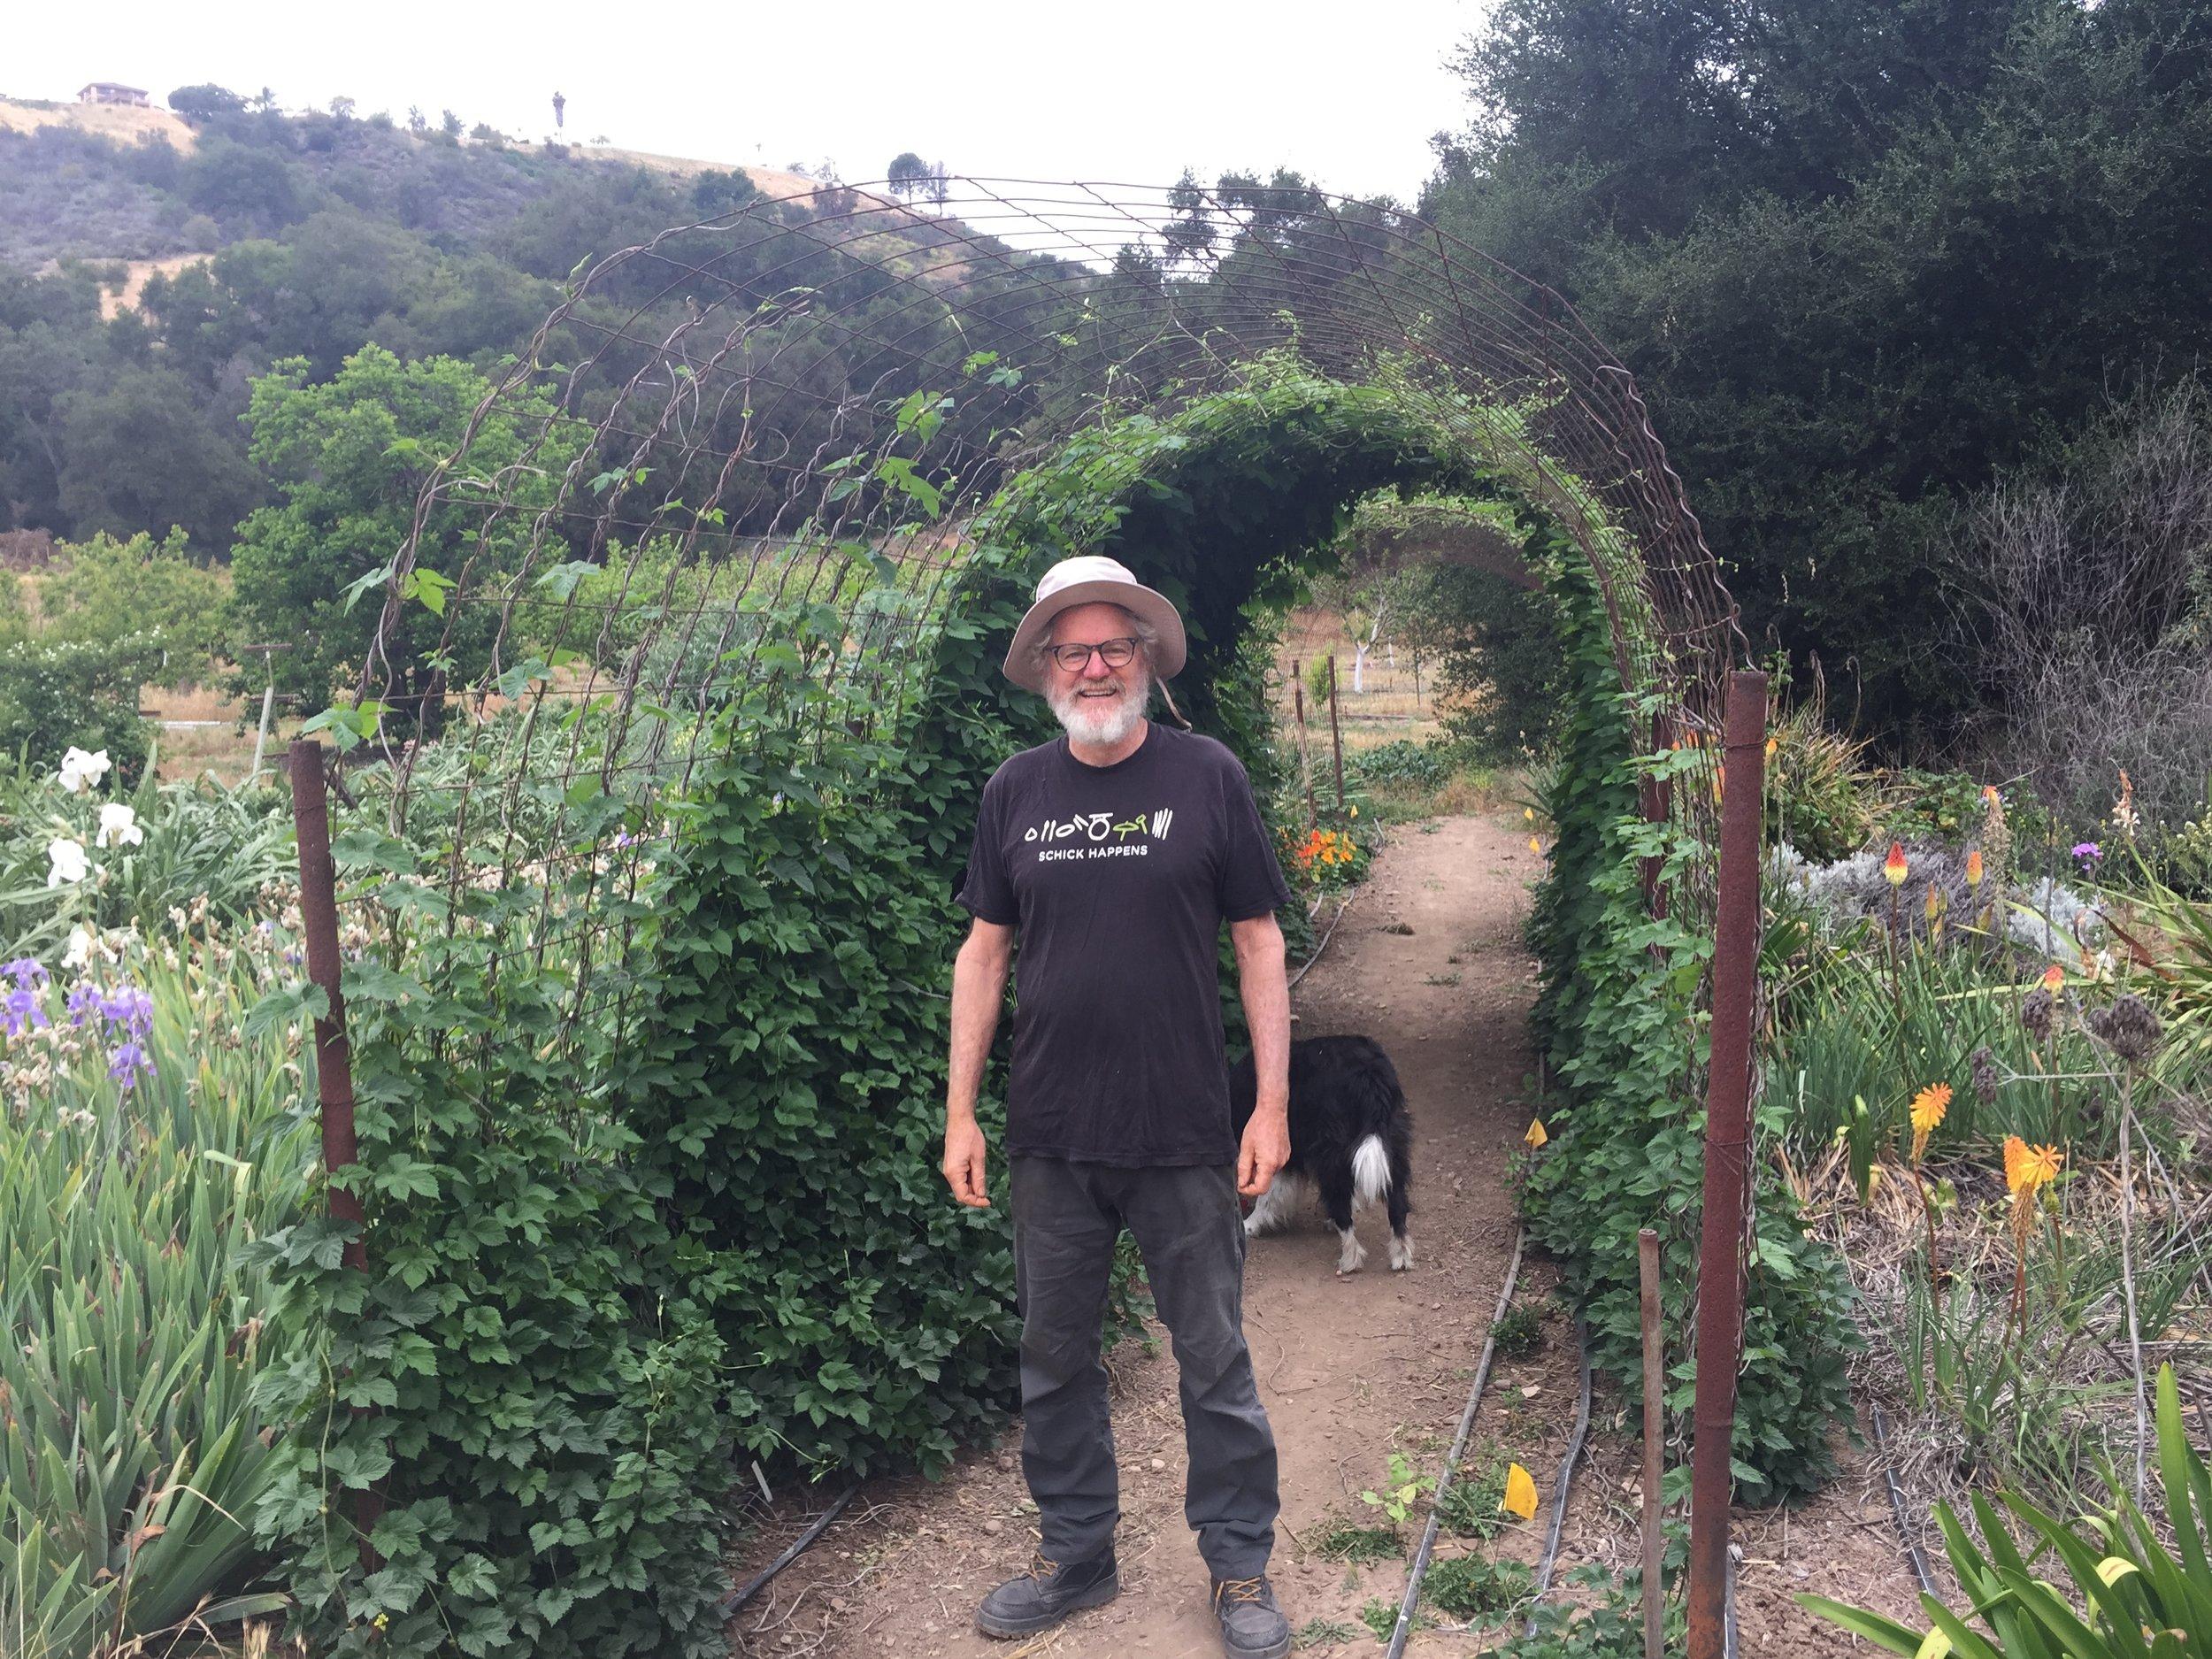 Adam Tolmach standing in his family garden beneath his brother's hop arbor.